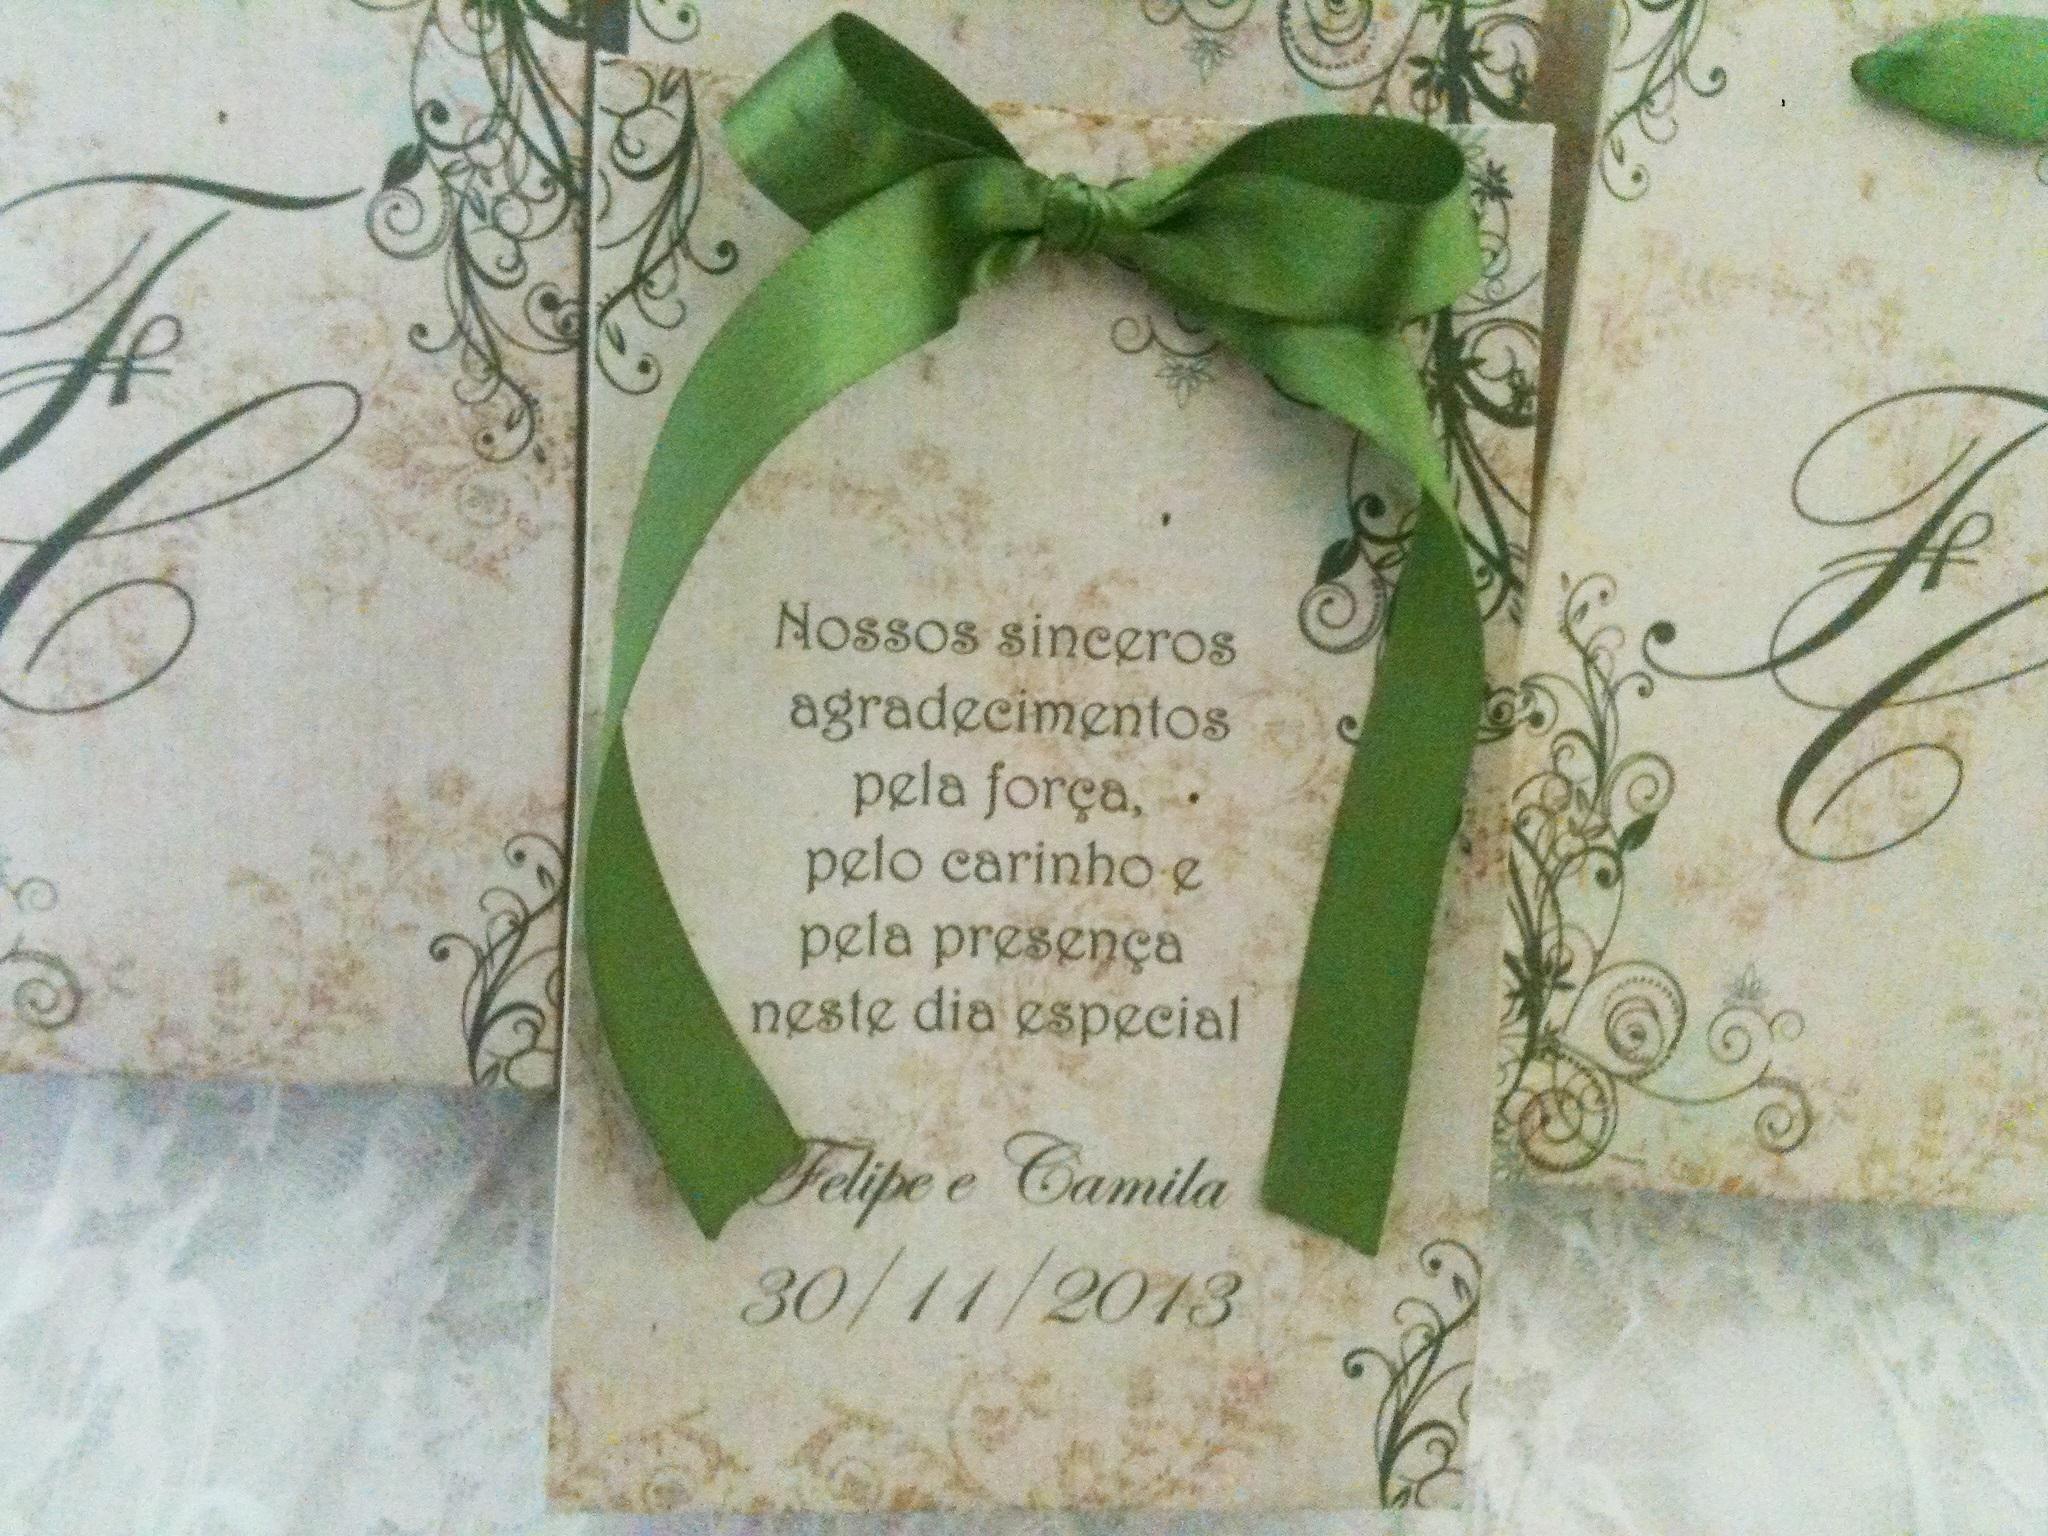 Convite para madrinha de casamento Agradecimento